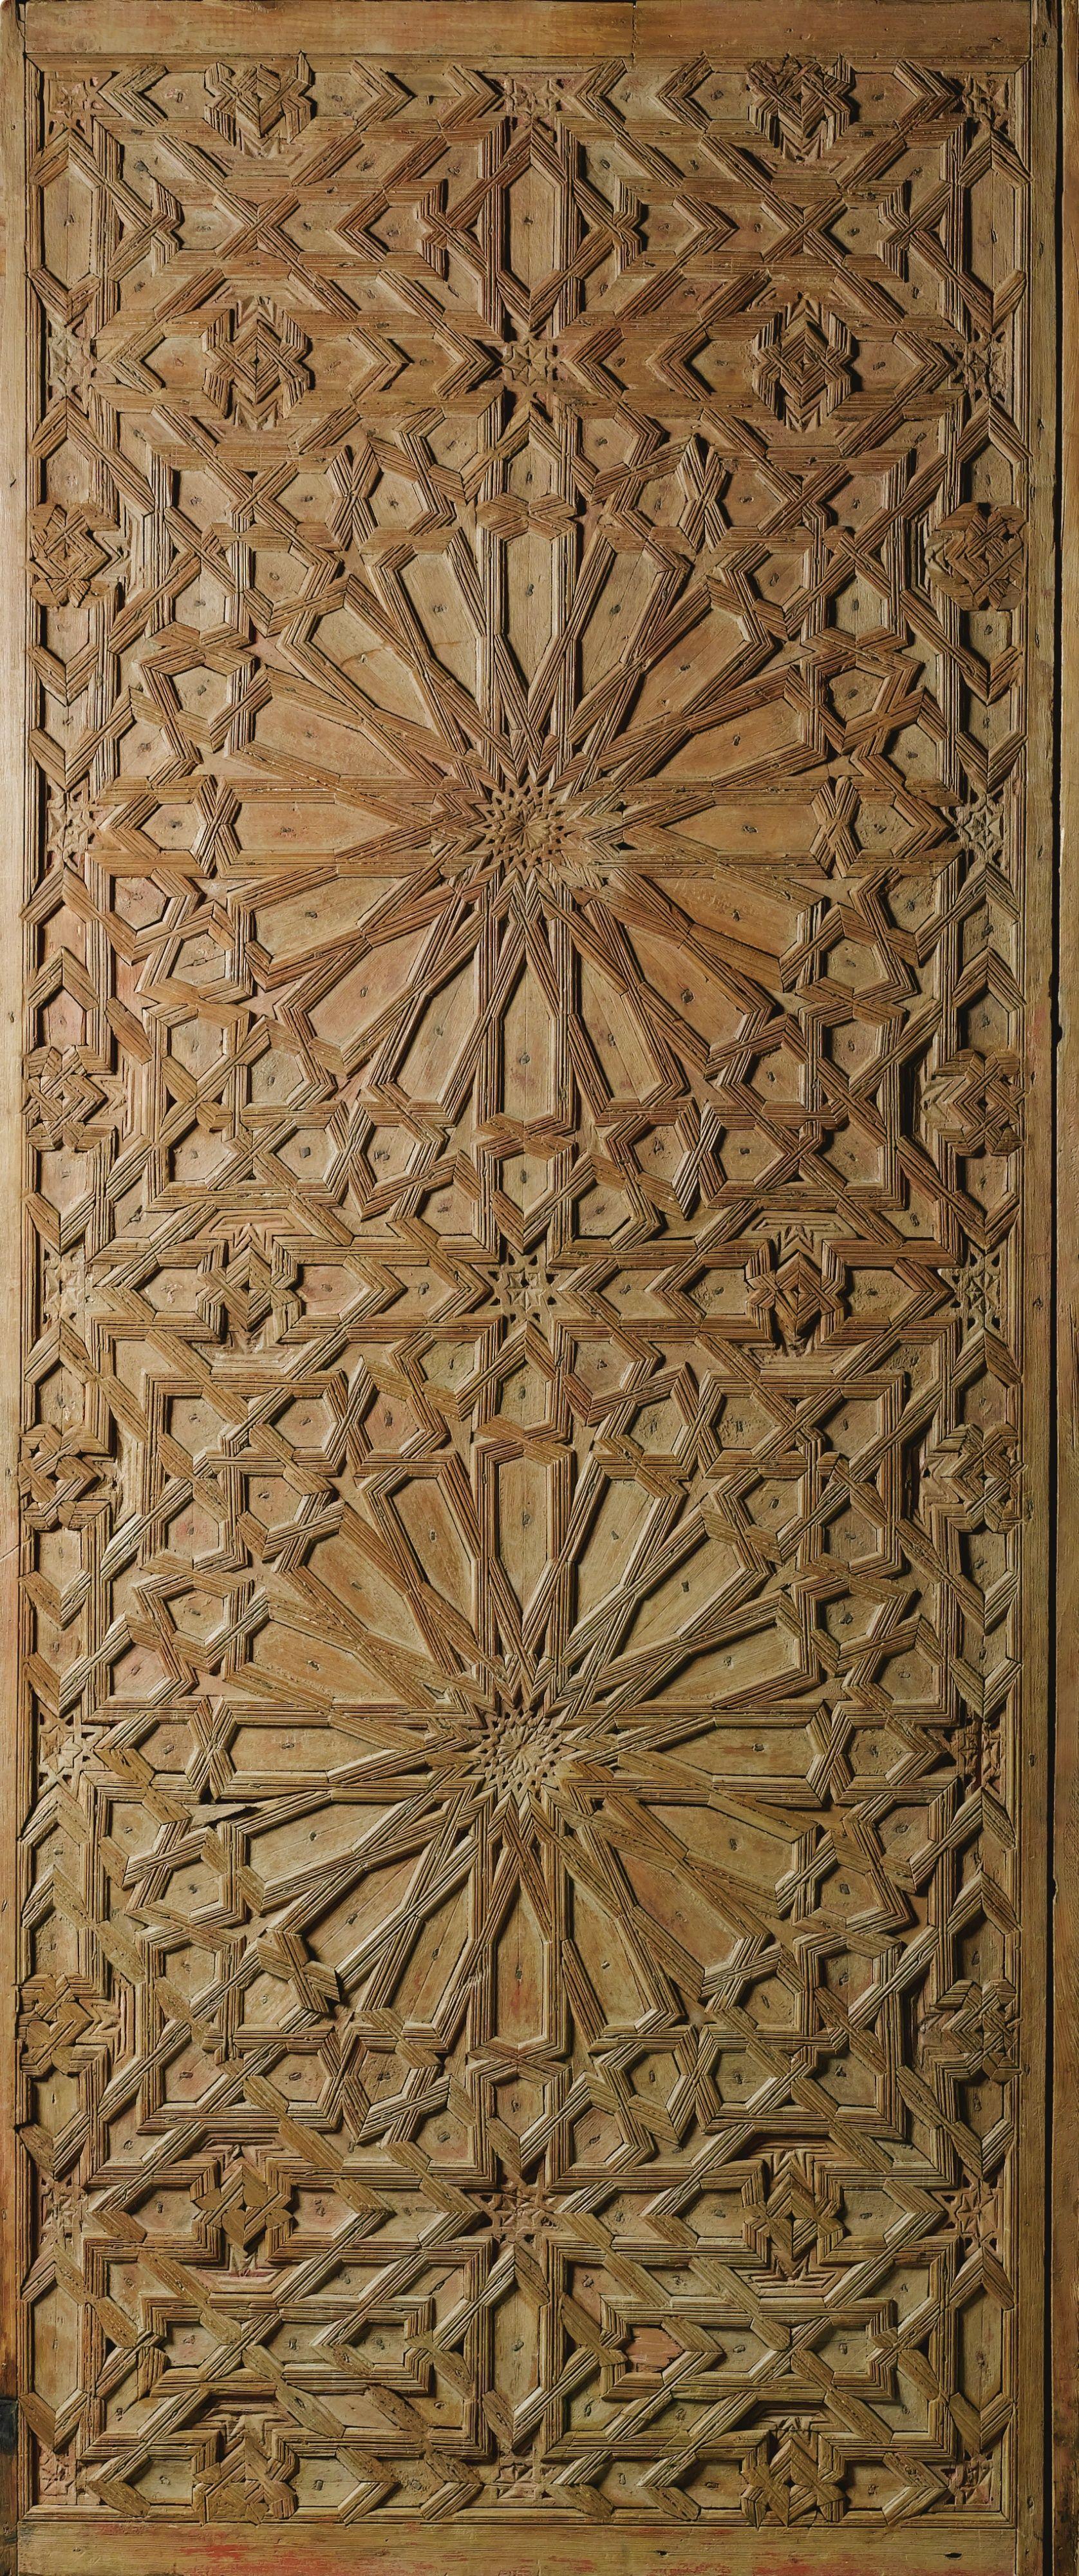 100 Remarquable Suggestions Panneau Bois Sculpté Marocain